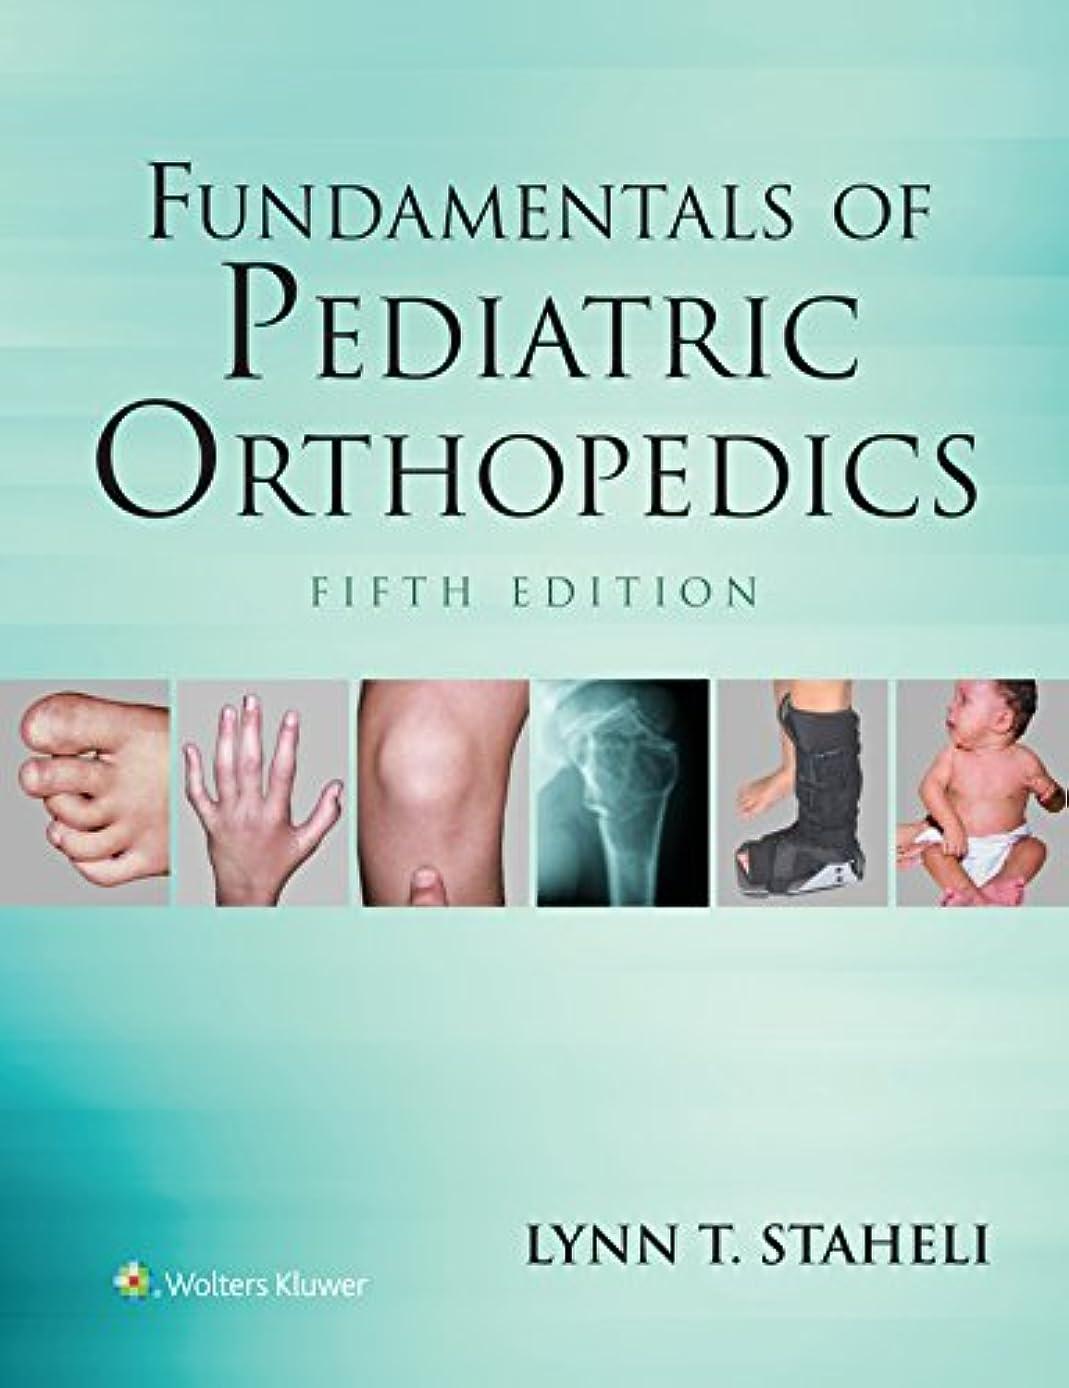 栄光の座標解任Fundamentals of Pediatric Orthopedics (Staheli, Fundamentals of Pediatric Orthopedics) (English Edition)